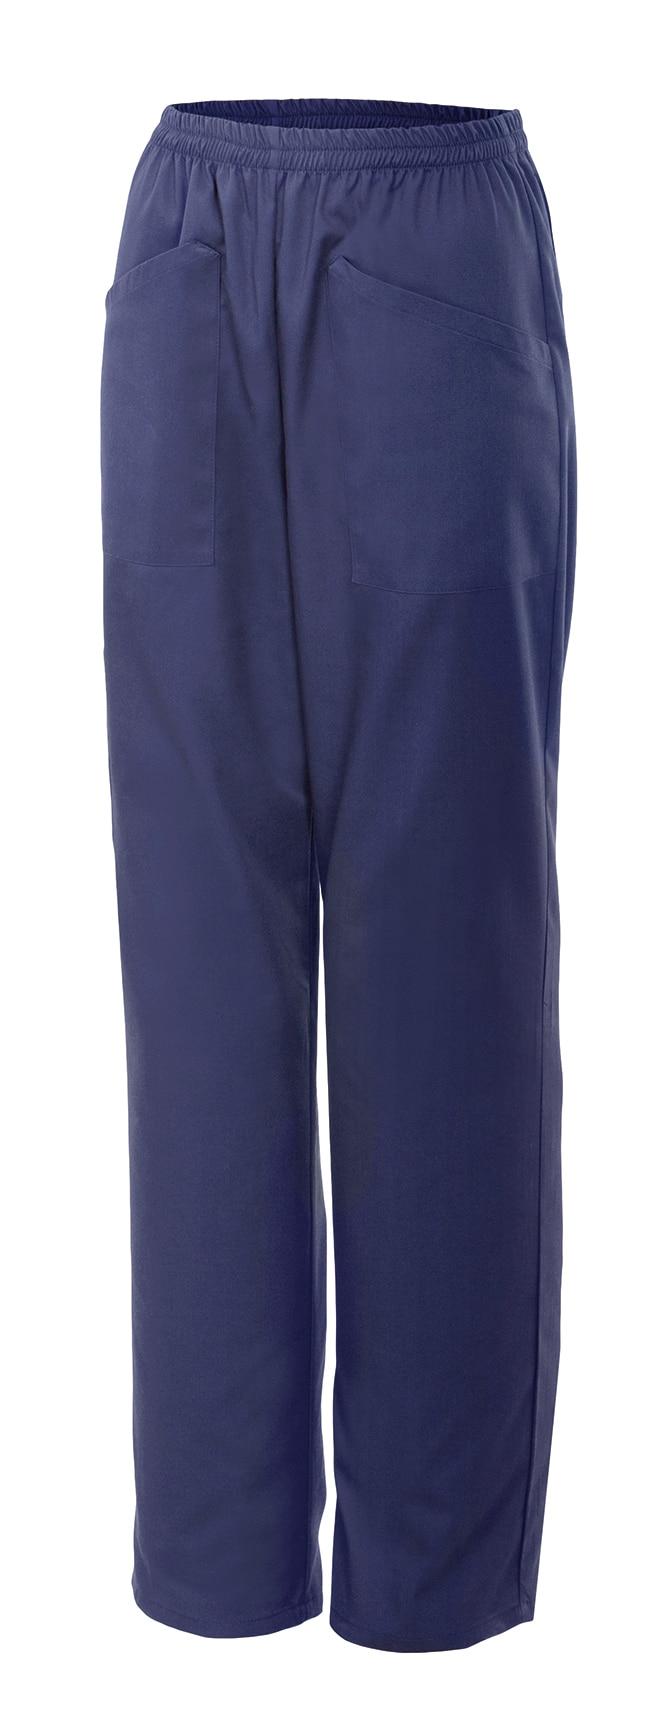 Velilla 319 PantalÓn Pijama Mujer Azul Marino